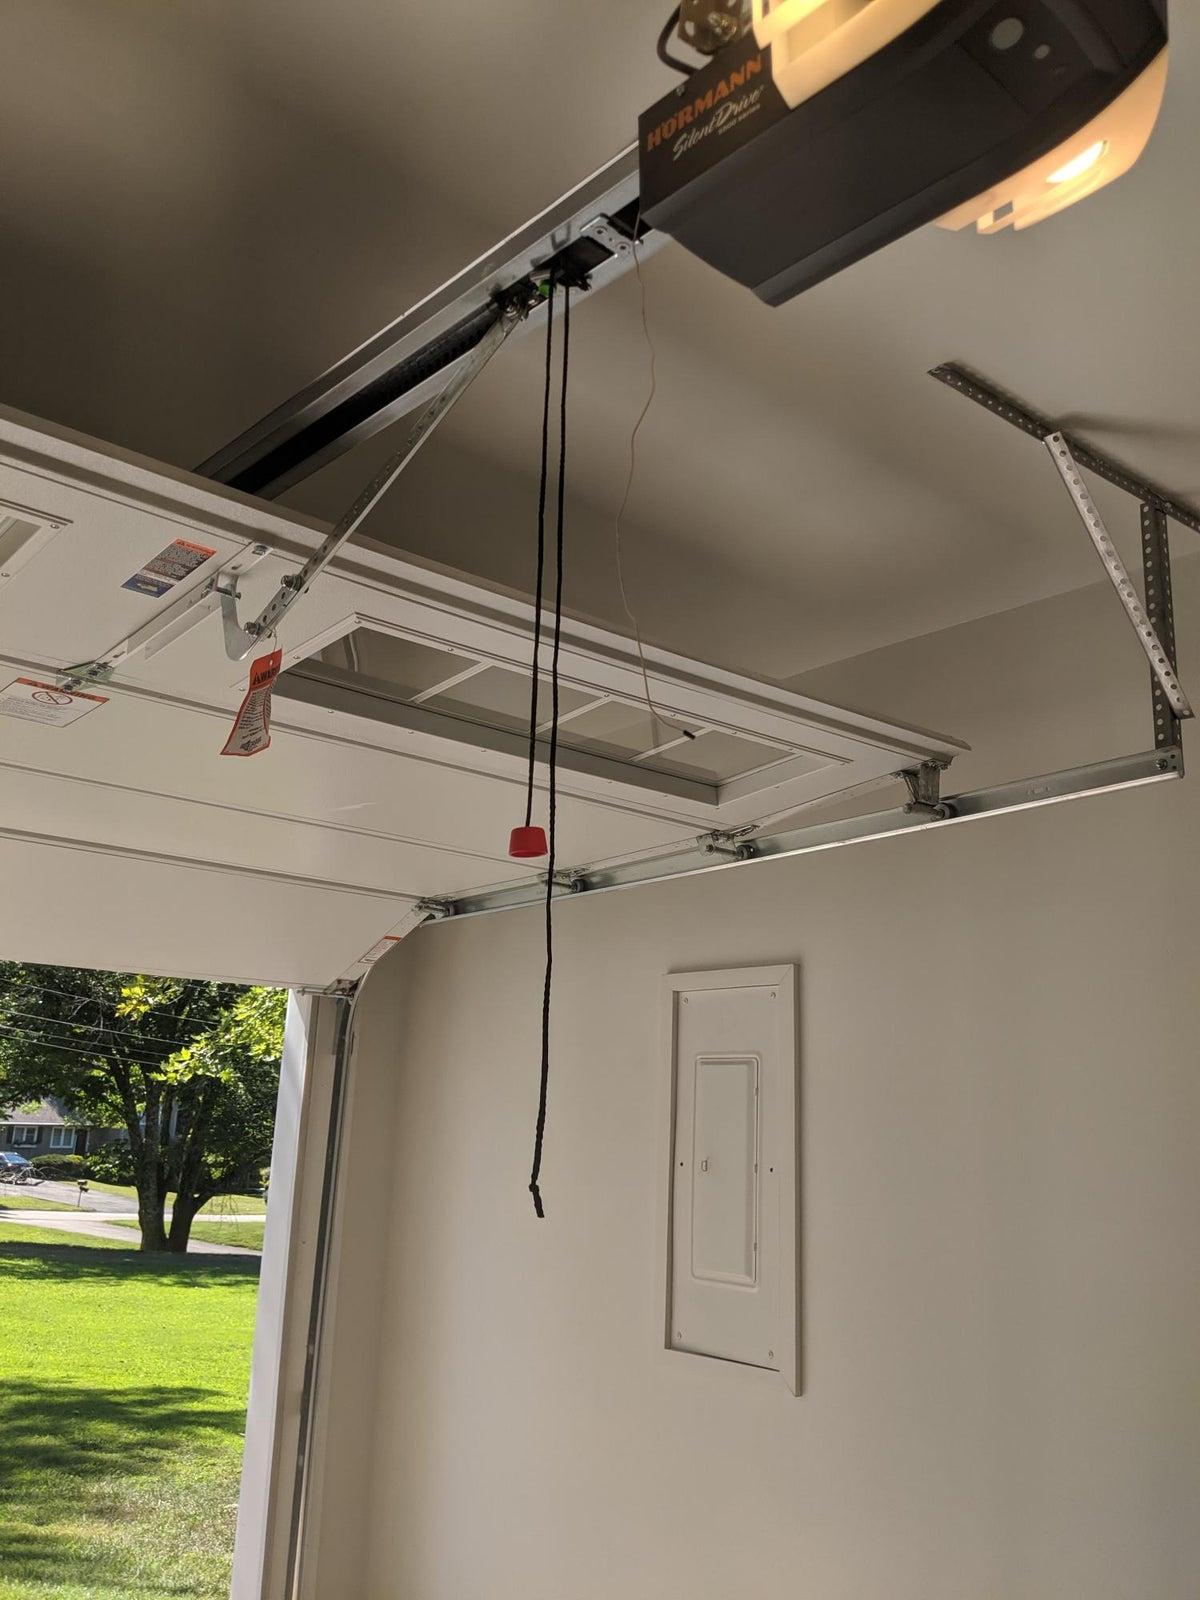 New garage door, opener, and mounting